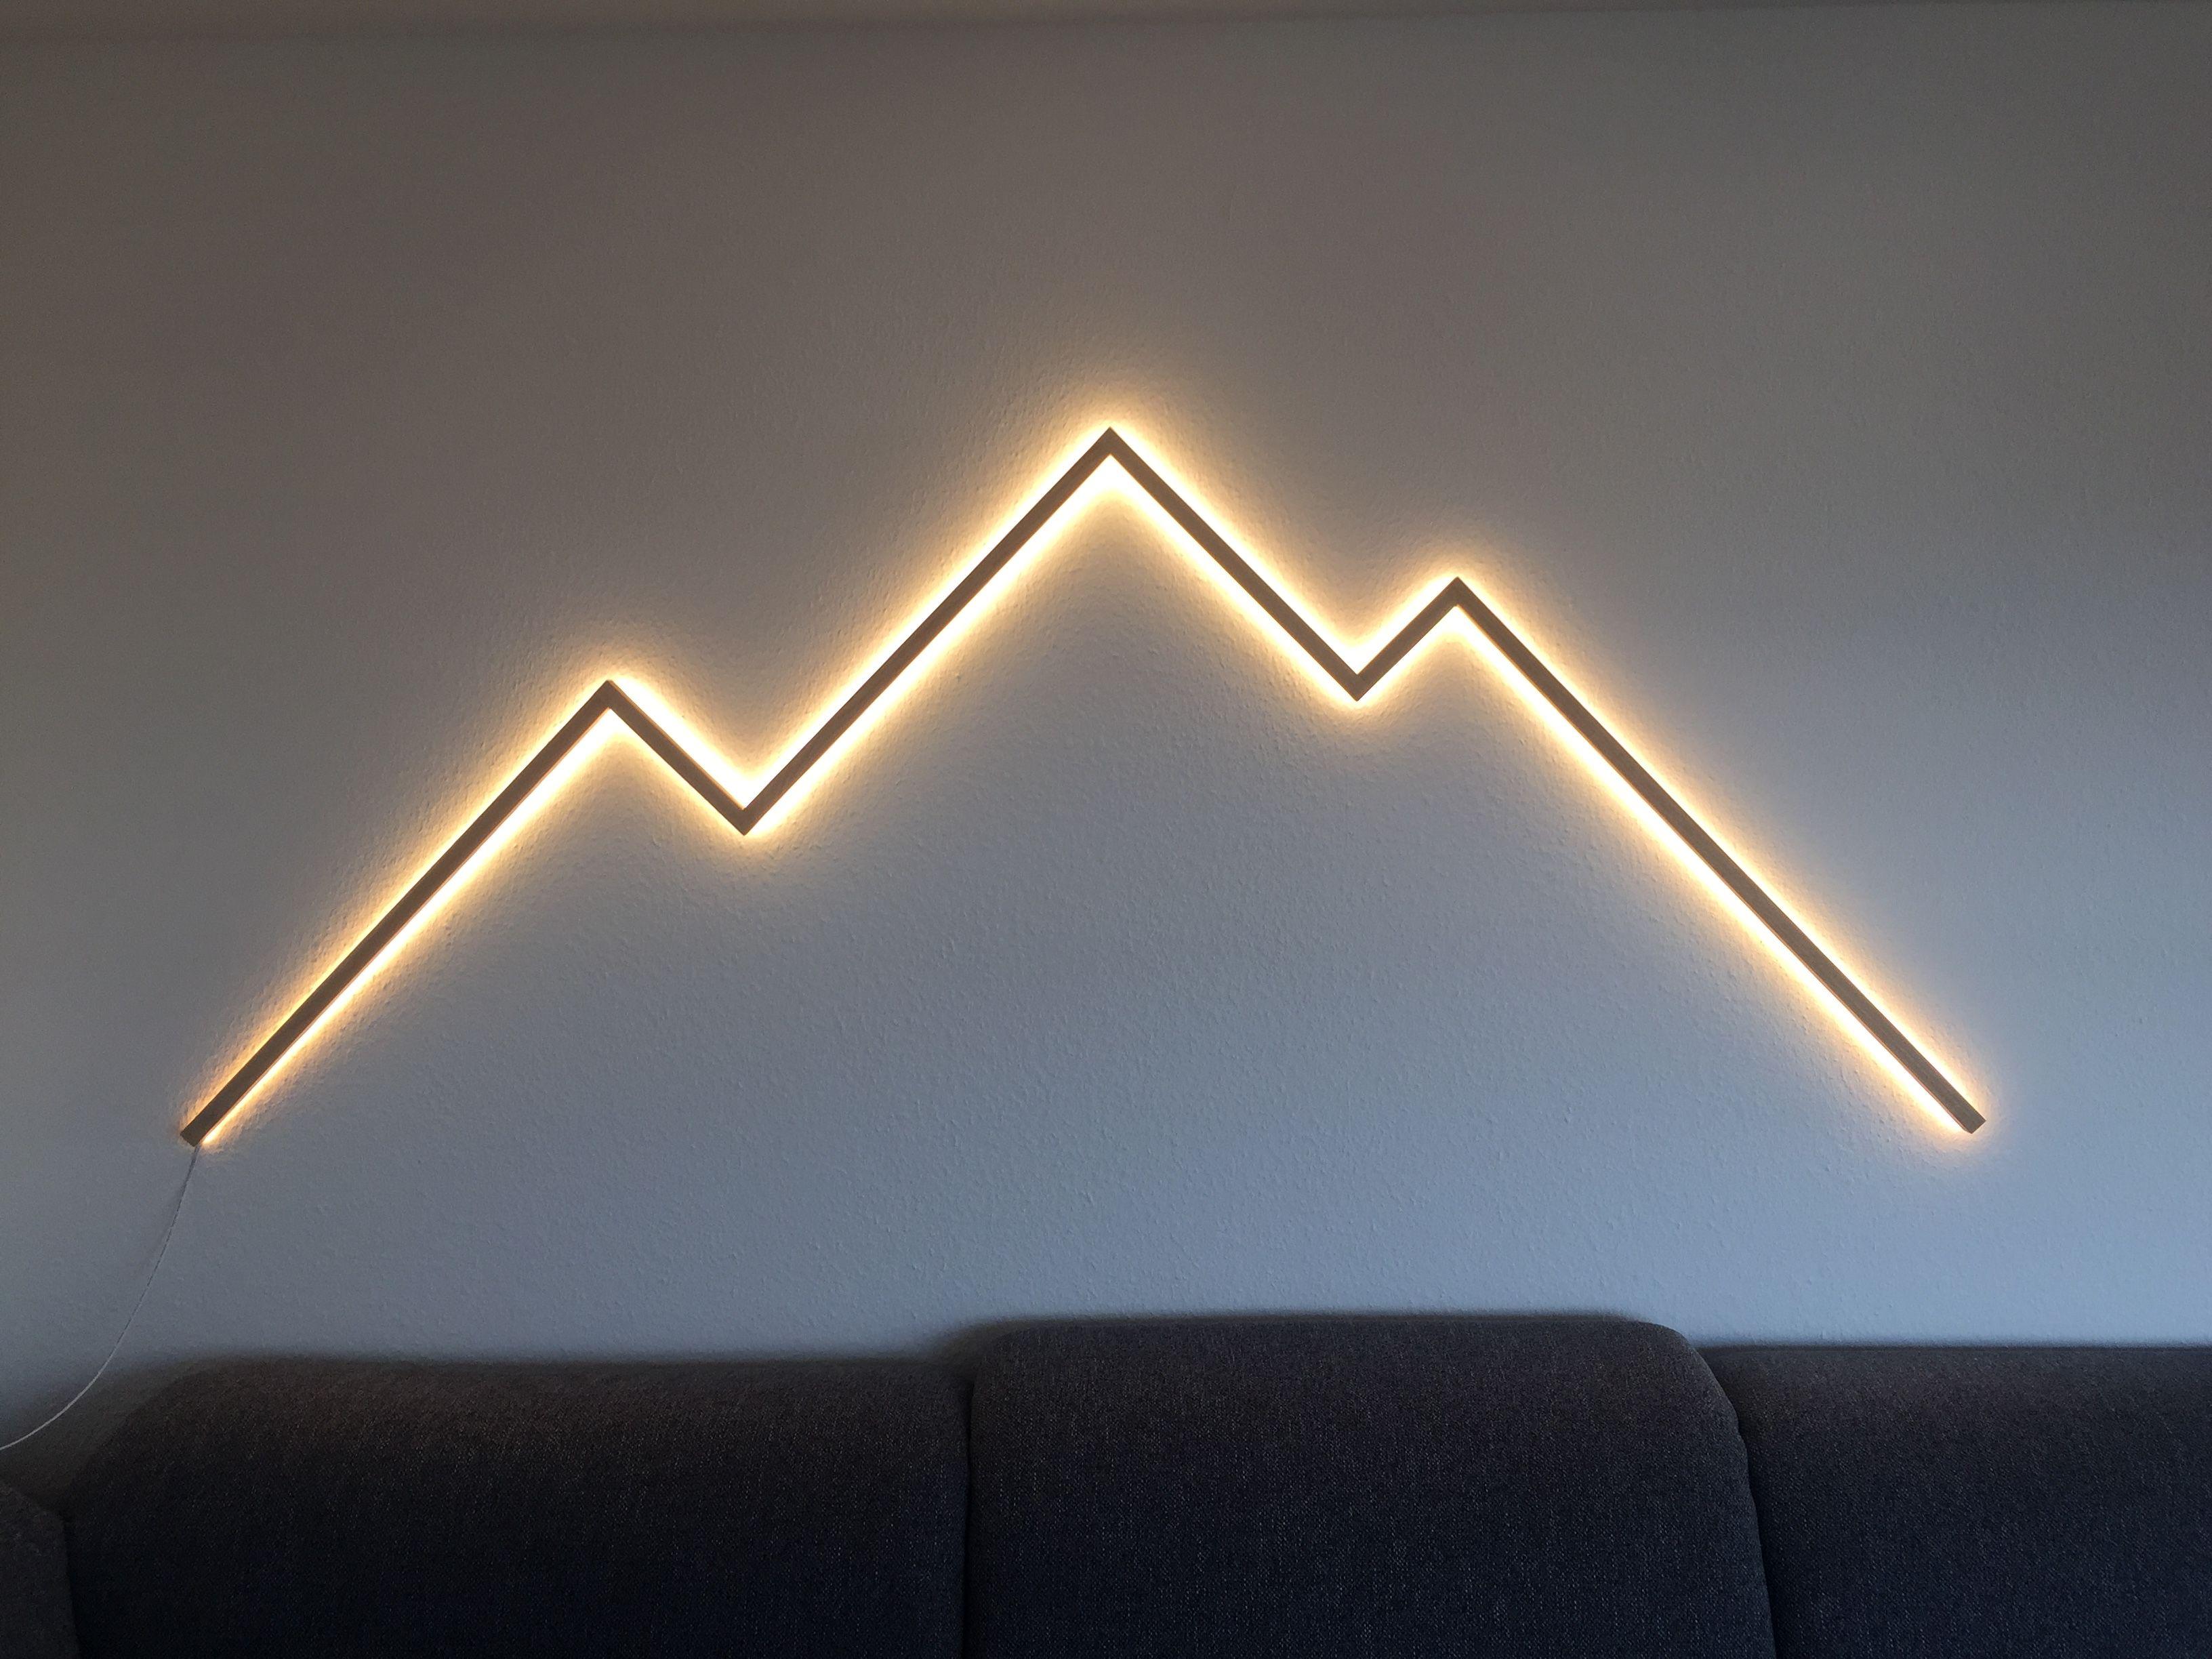 leuchtende berge wandbeleuchtung beleuchtungsideen beleuchtung fur zuhause obi wanddekoration moderne